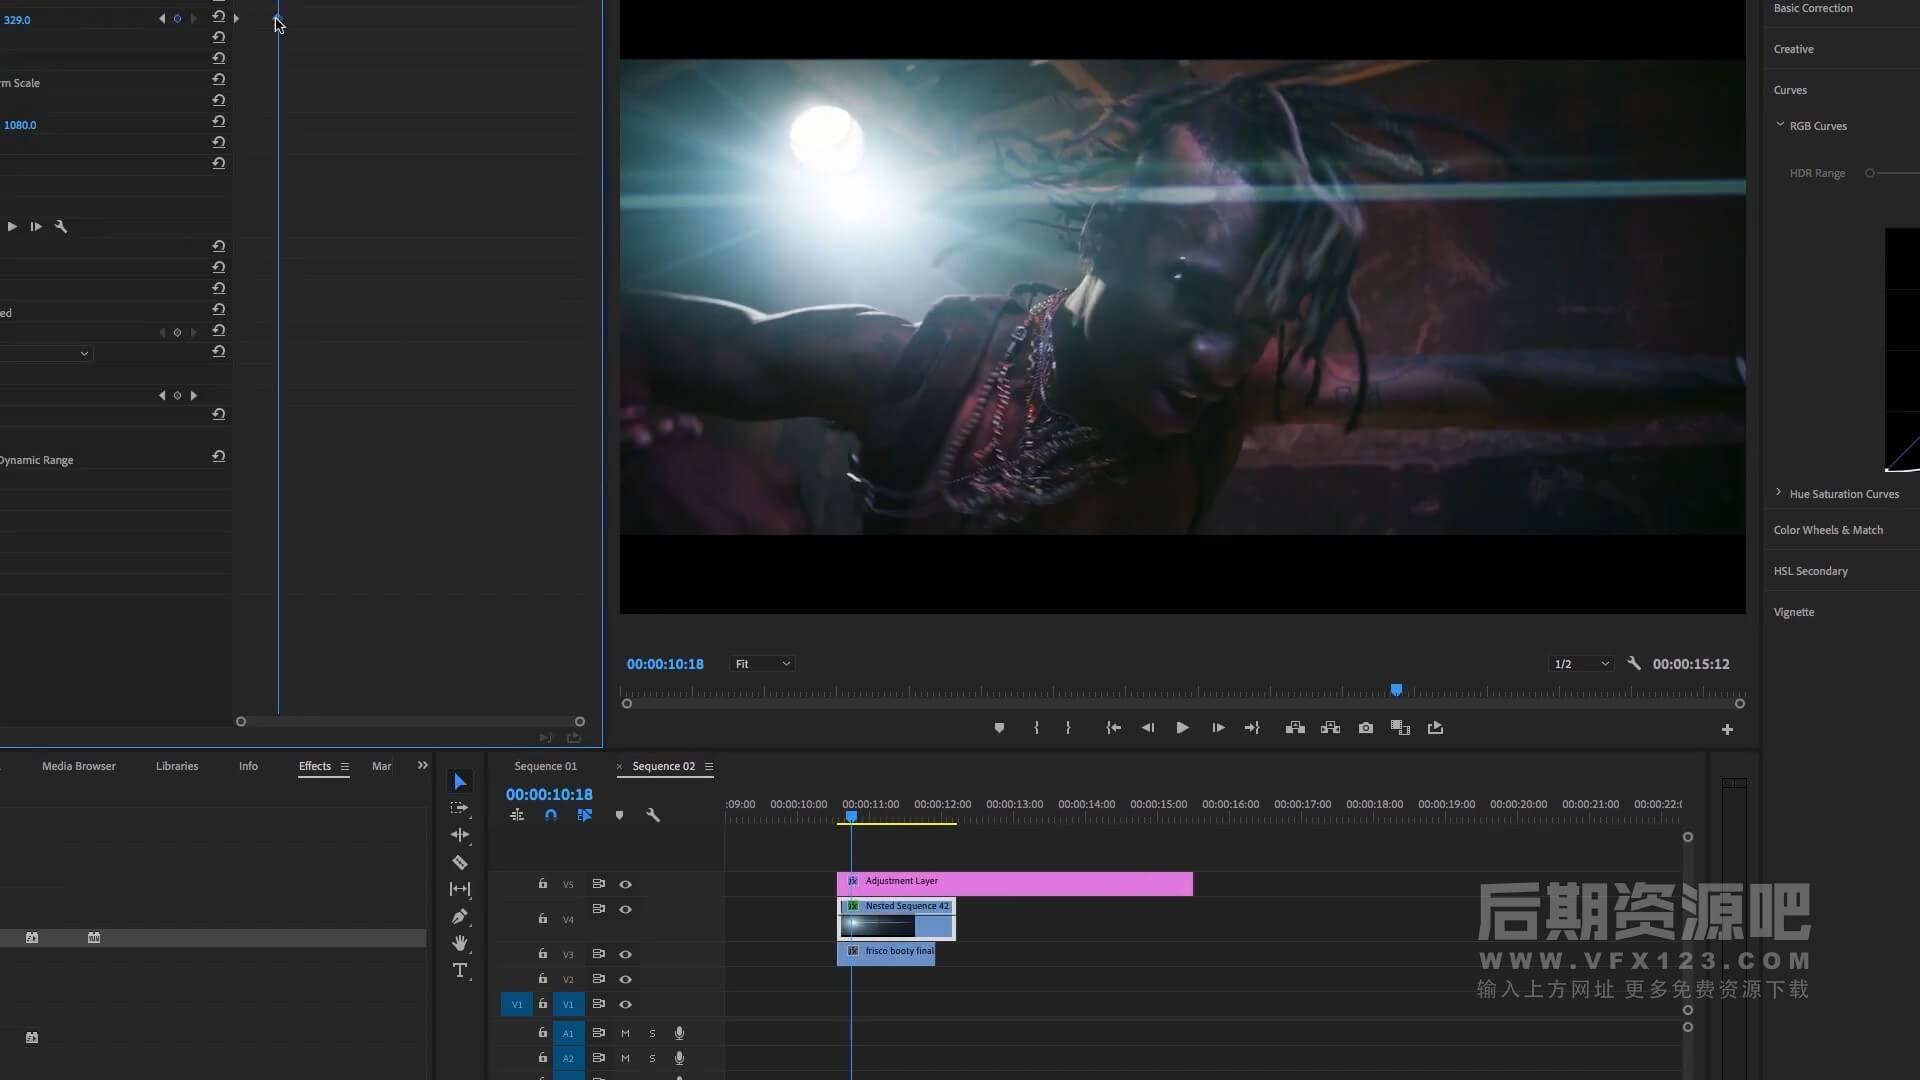 光效视频素材 300+科幻动作电影包装变形镜头光晕耀斑光斑